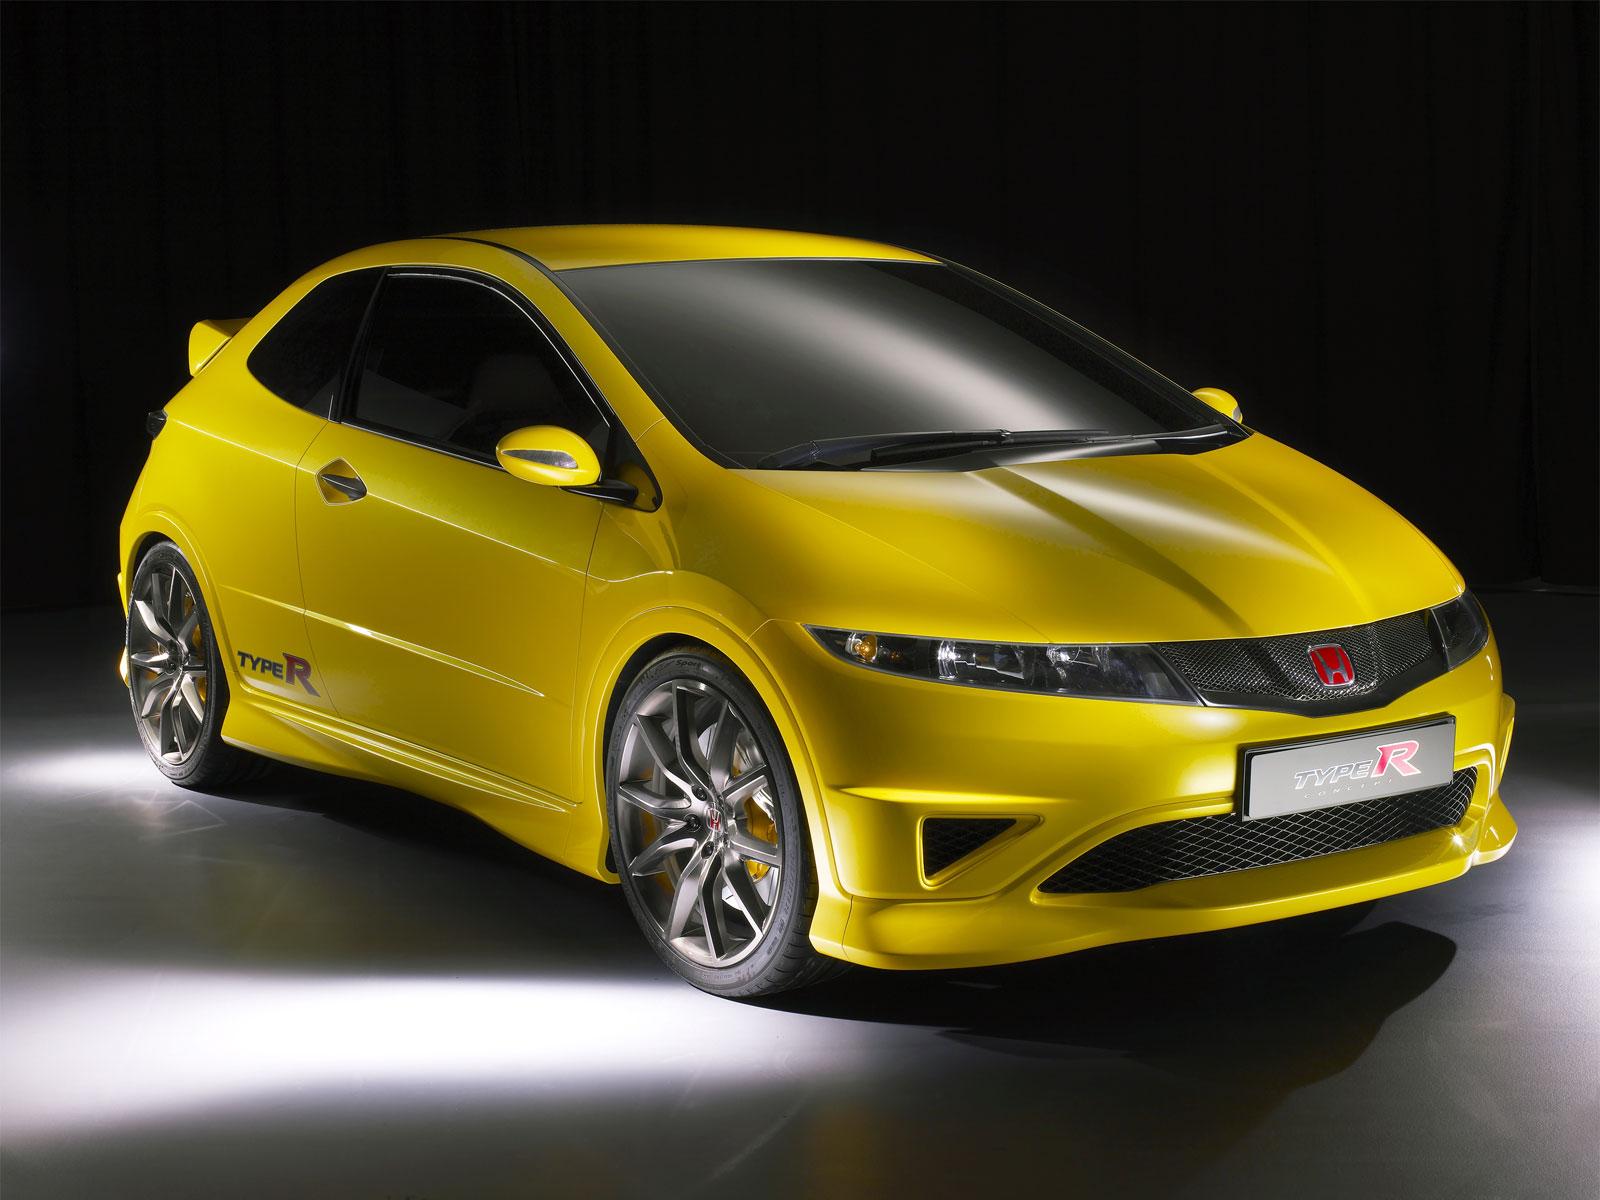 Best Car Wallpaper: Honda Motor Company